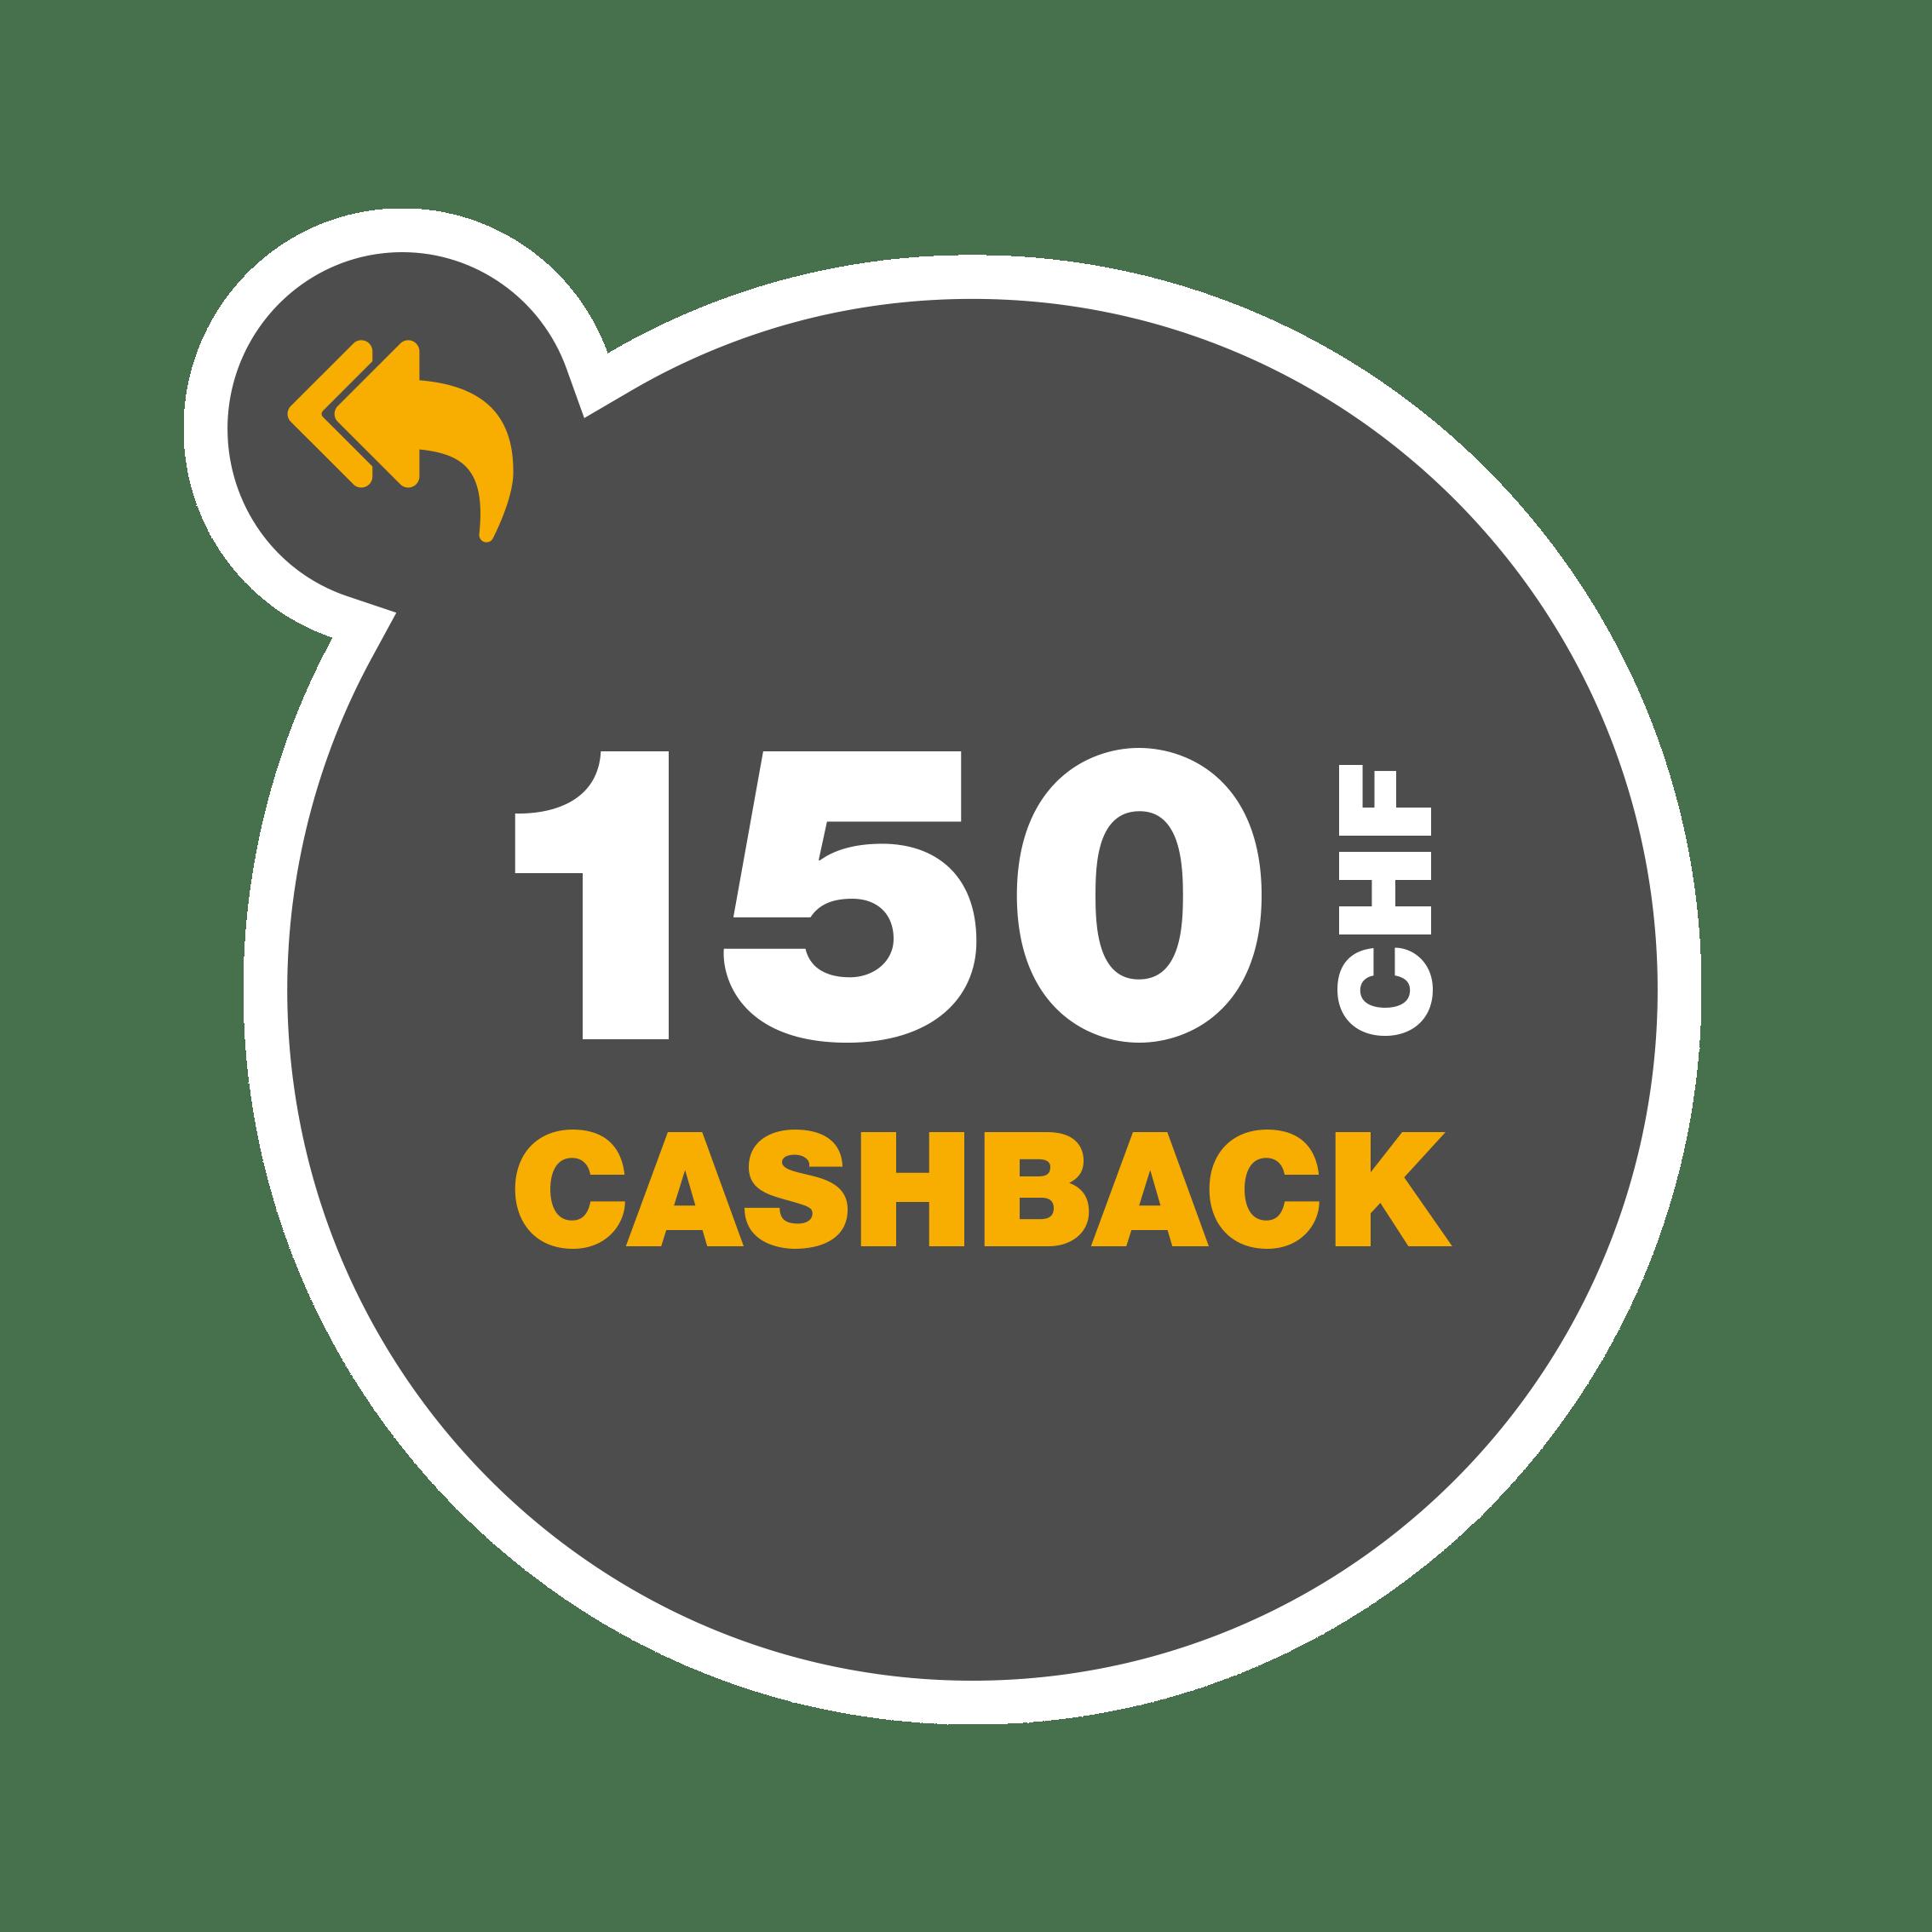 Cashback_CHF150